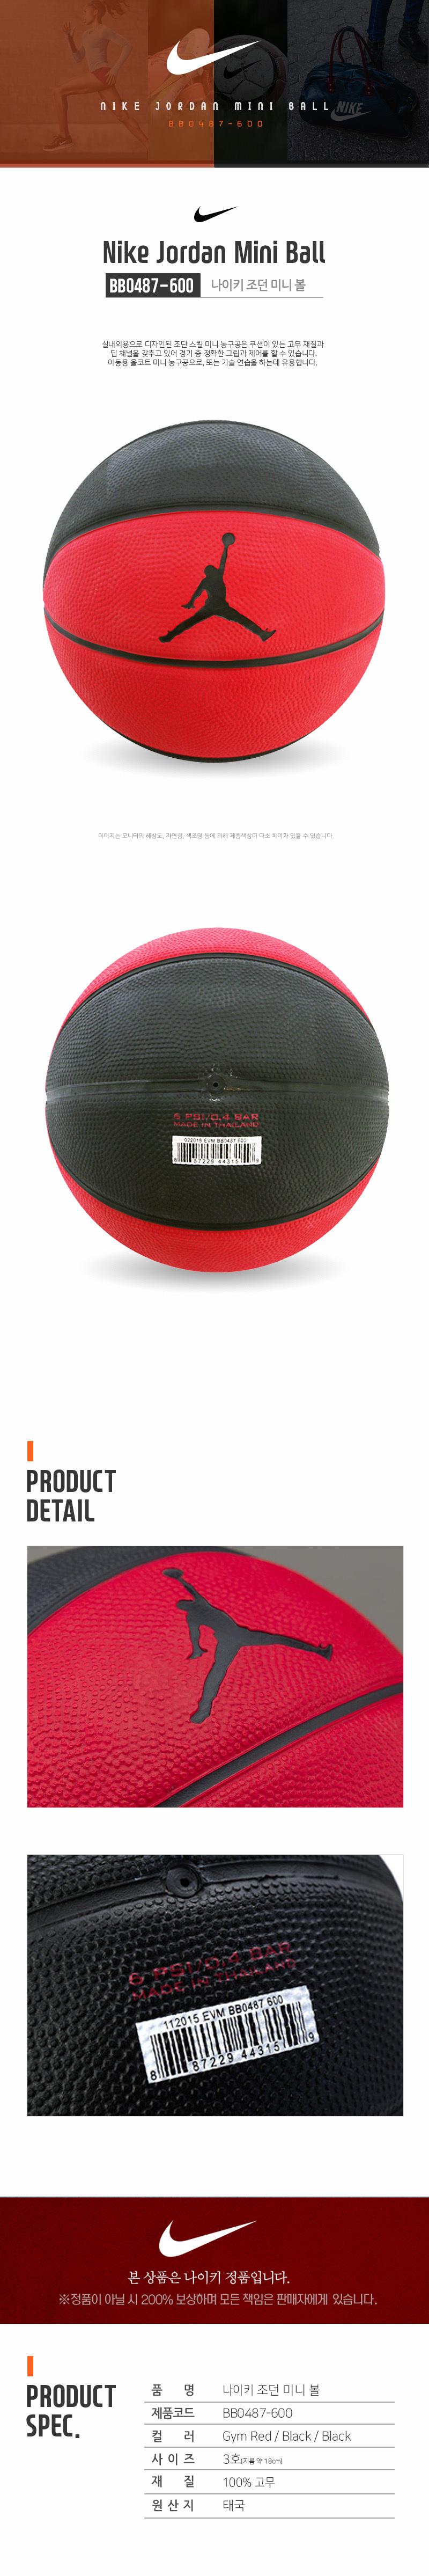 나이키 농구공 조던 미니농구공 3호 BB0487-600 - 베스타, 25,000원, 농구, 농구공